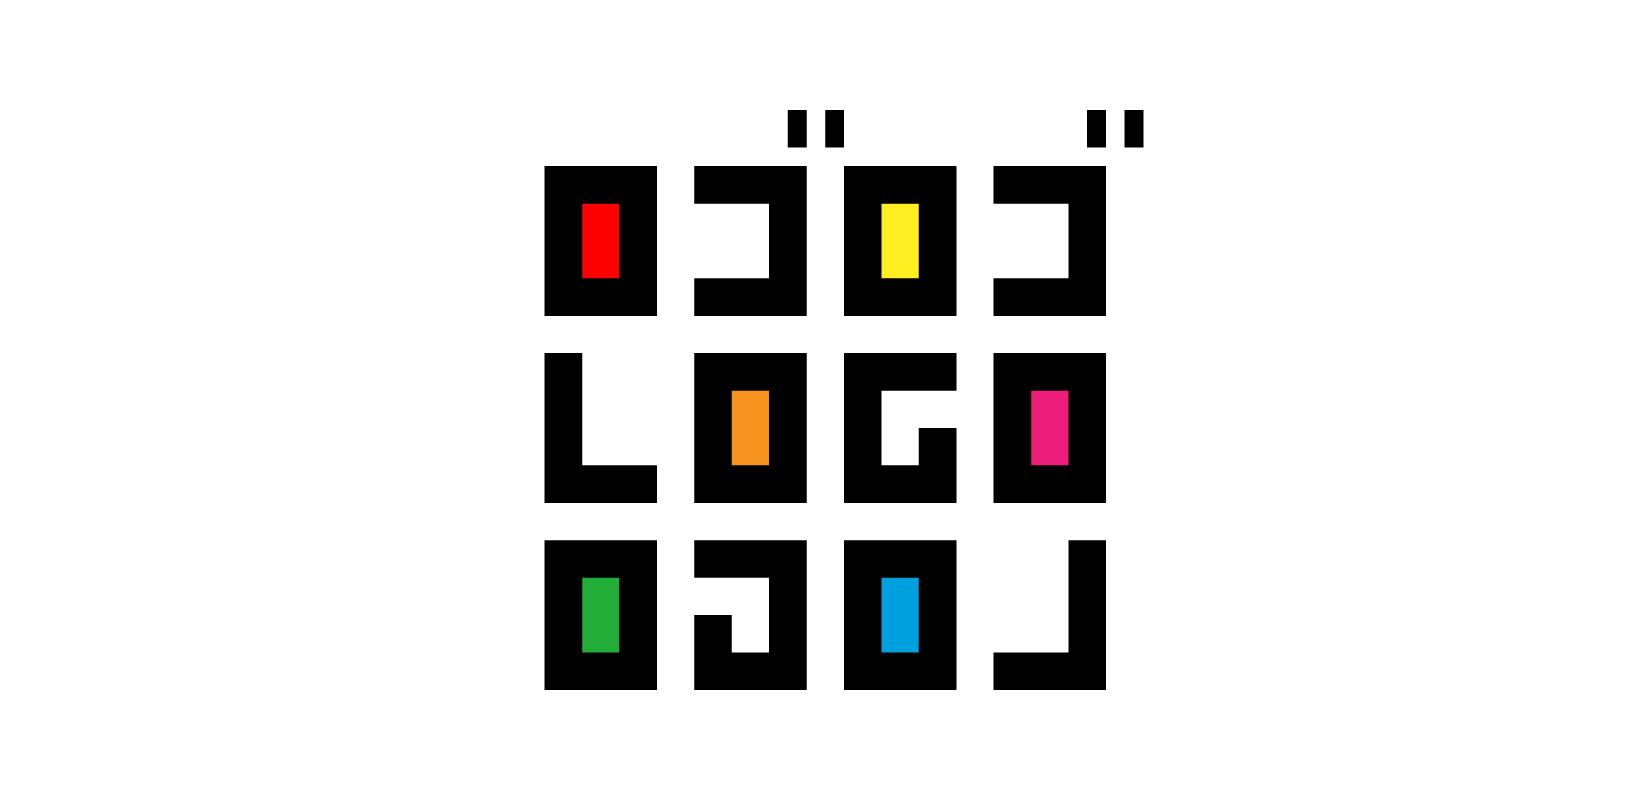 ロゴマークデザイン「ロゴロゴ」- ロゴを簡単にご購入出来る小さなロゴのお店 オープン!